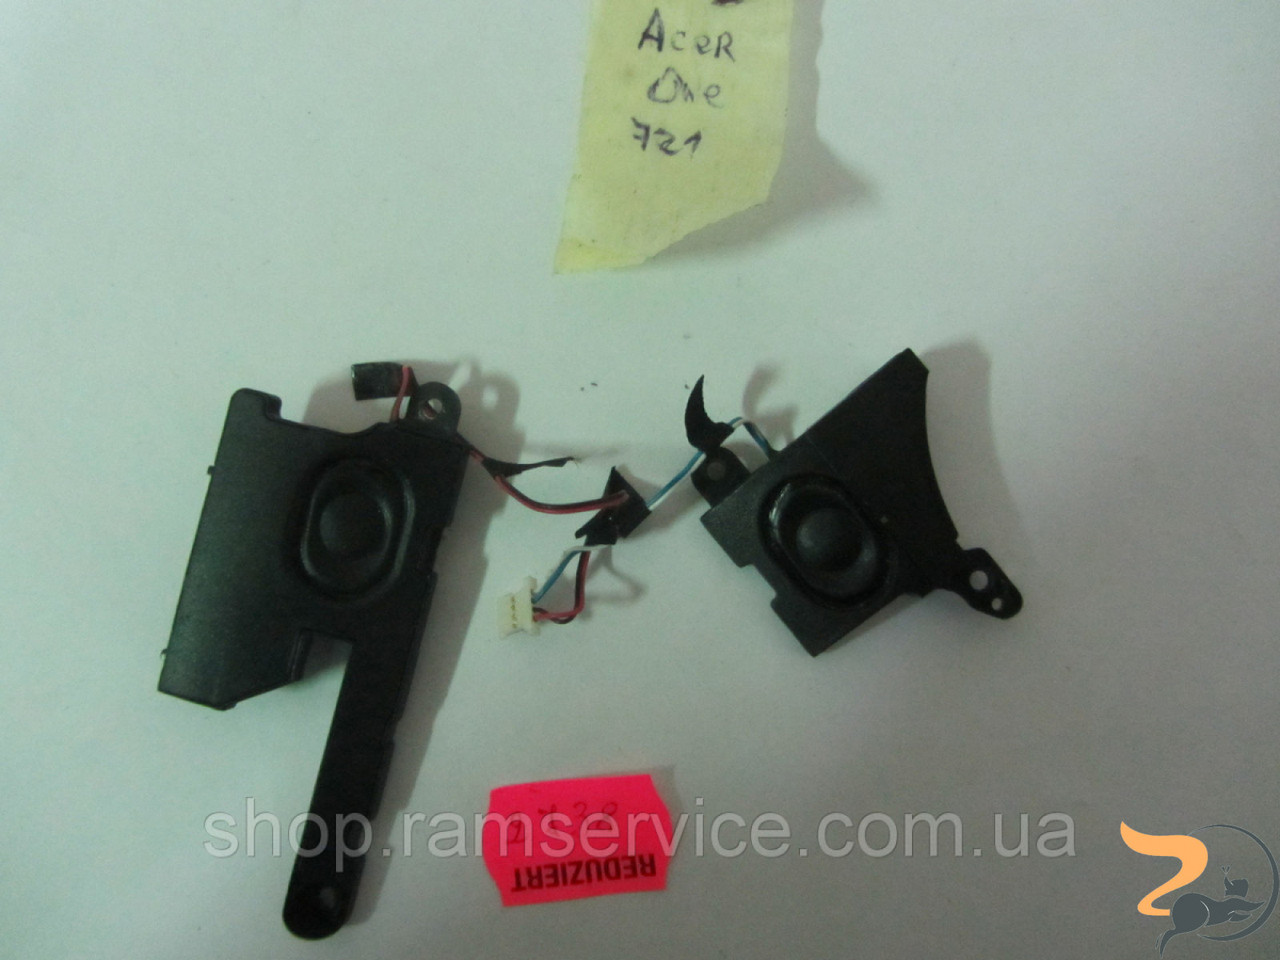 Динамики Acer One 721, б/в